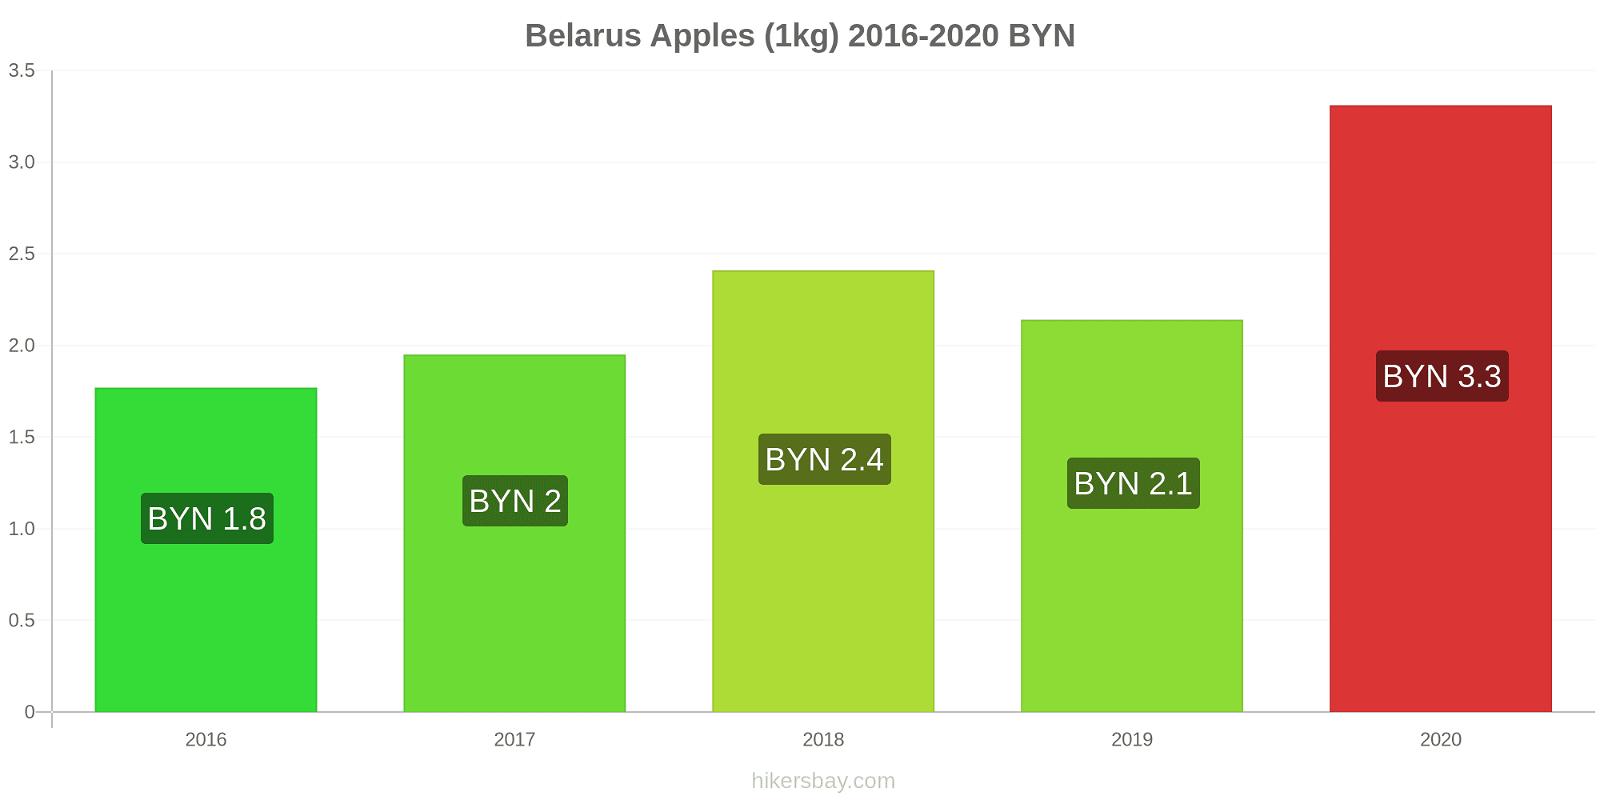 Belarus price changes Apples (1kg) hikersbay.com